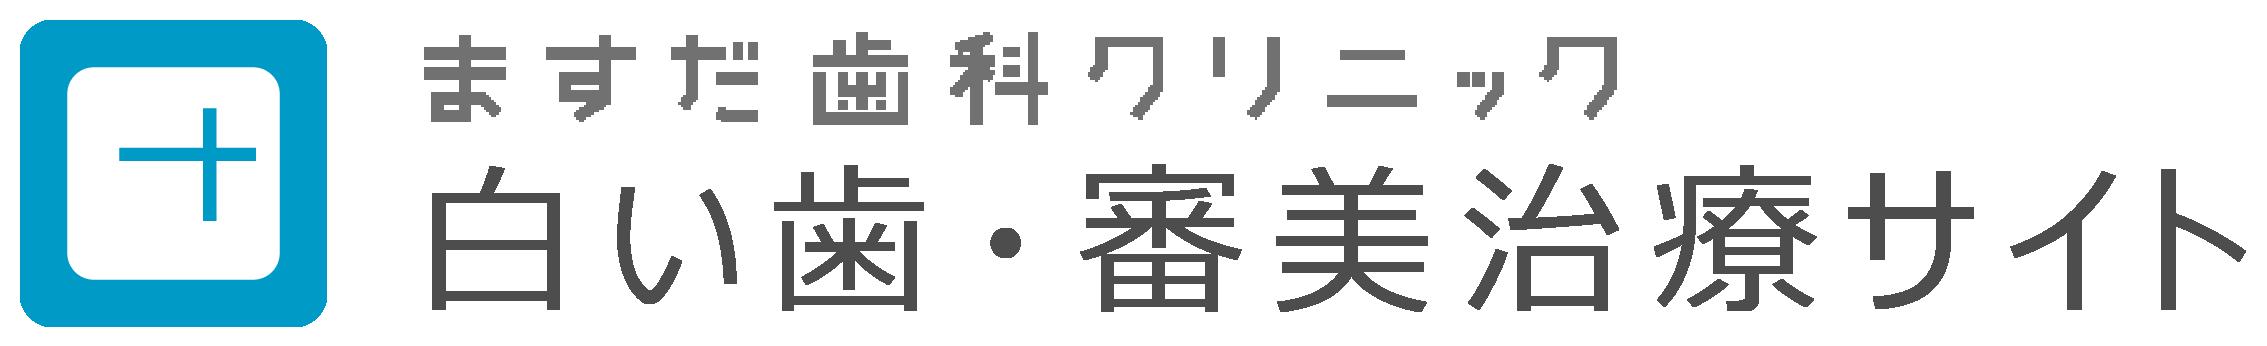 亀戸駅徒歩1分『白い歯・セラミックの歯』審美治療サイト